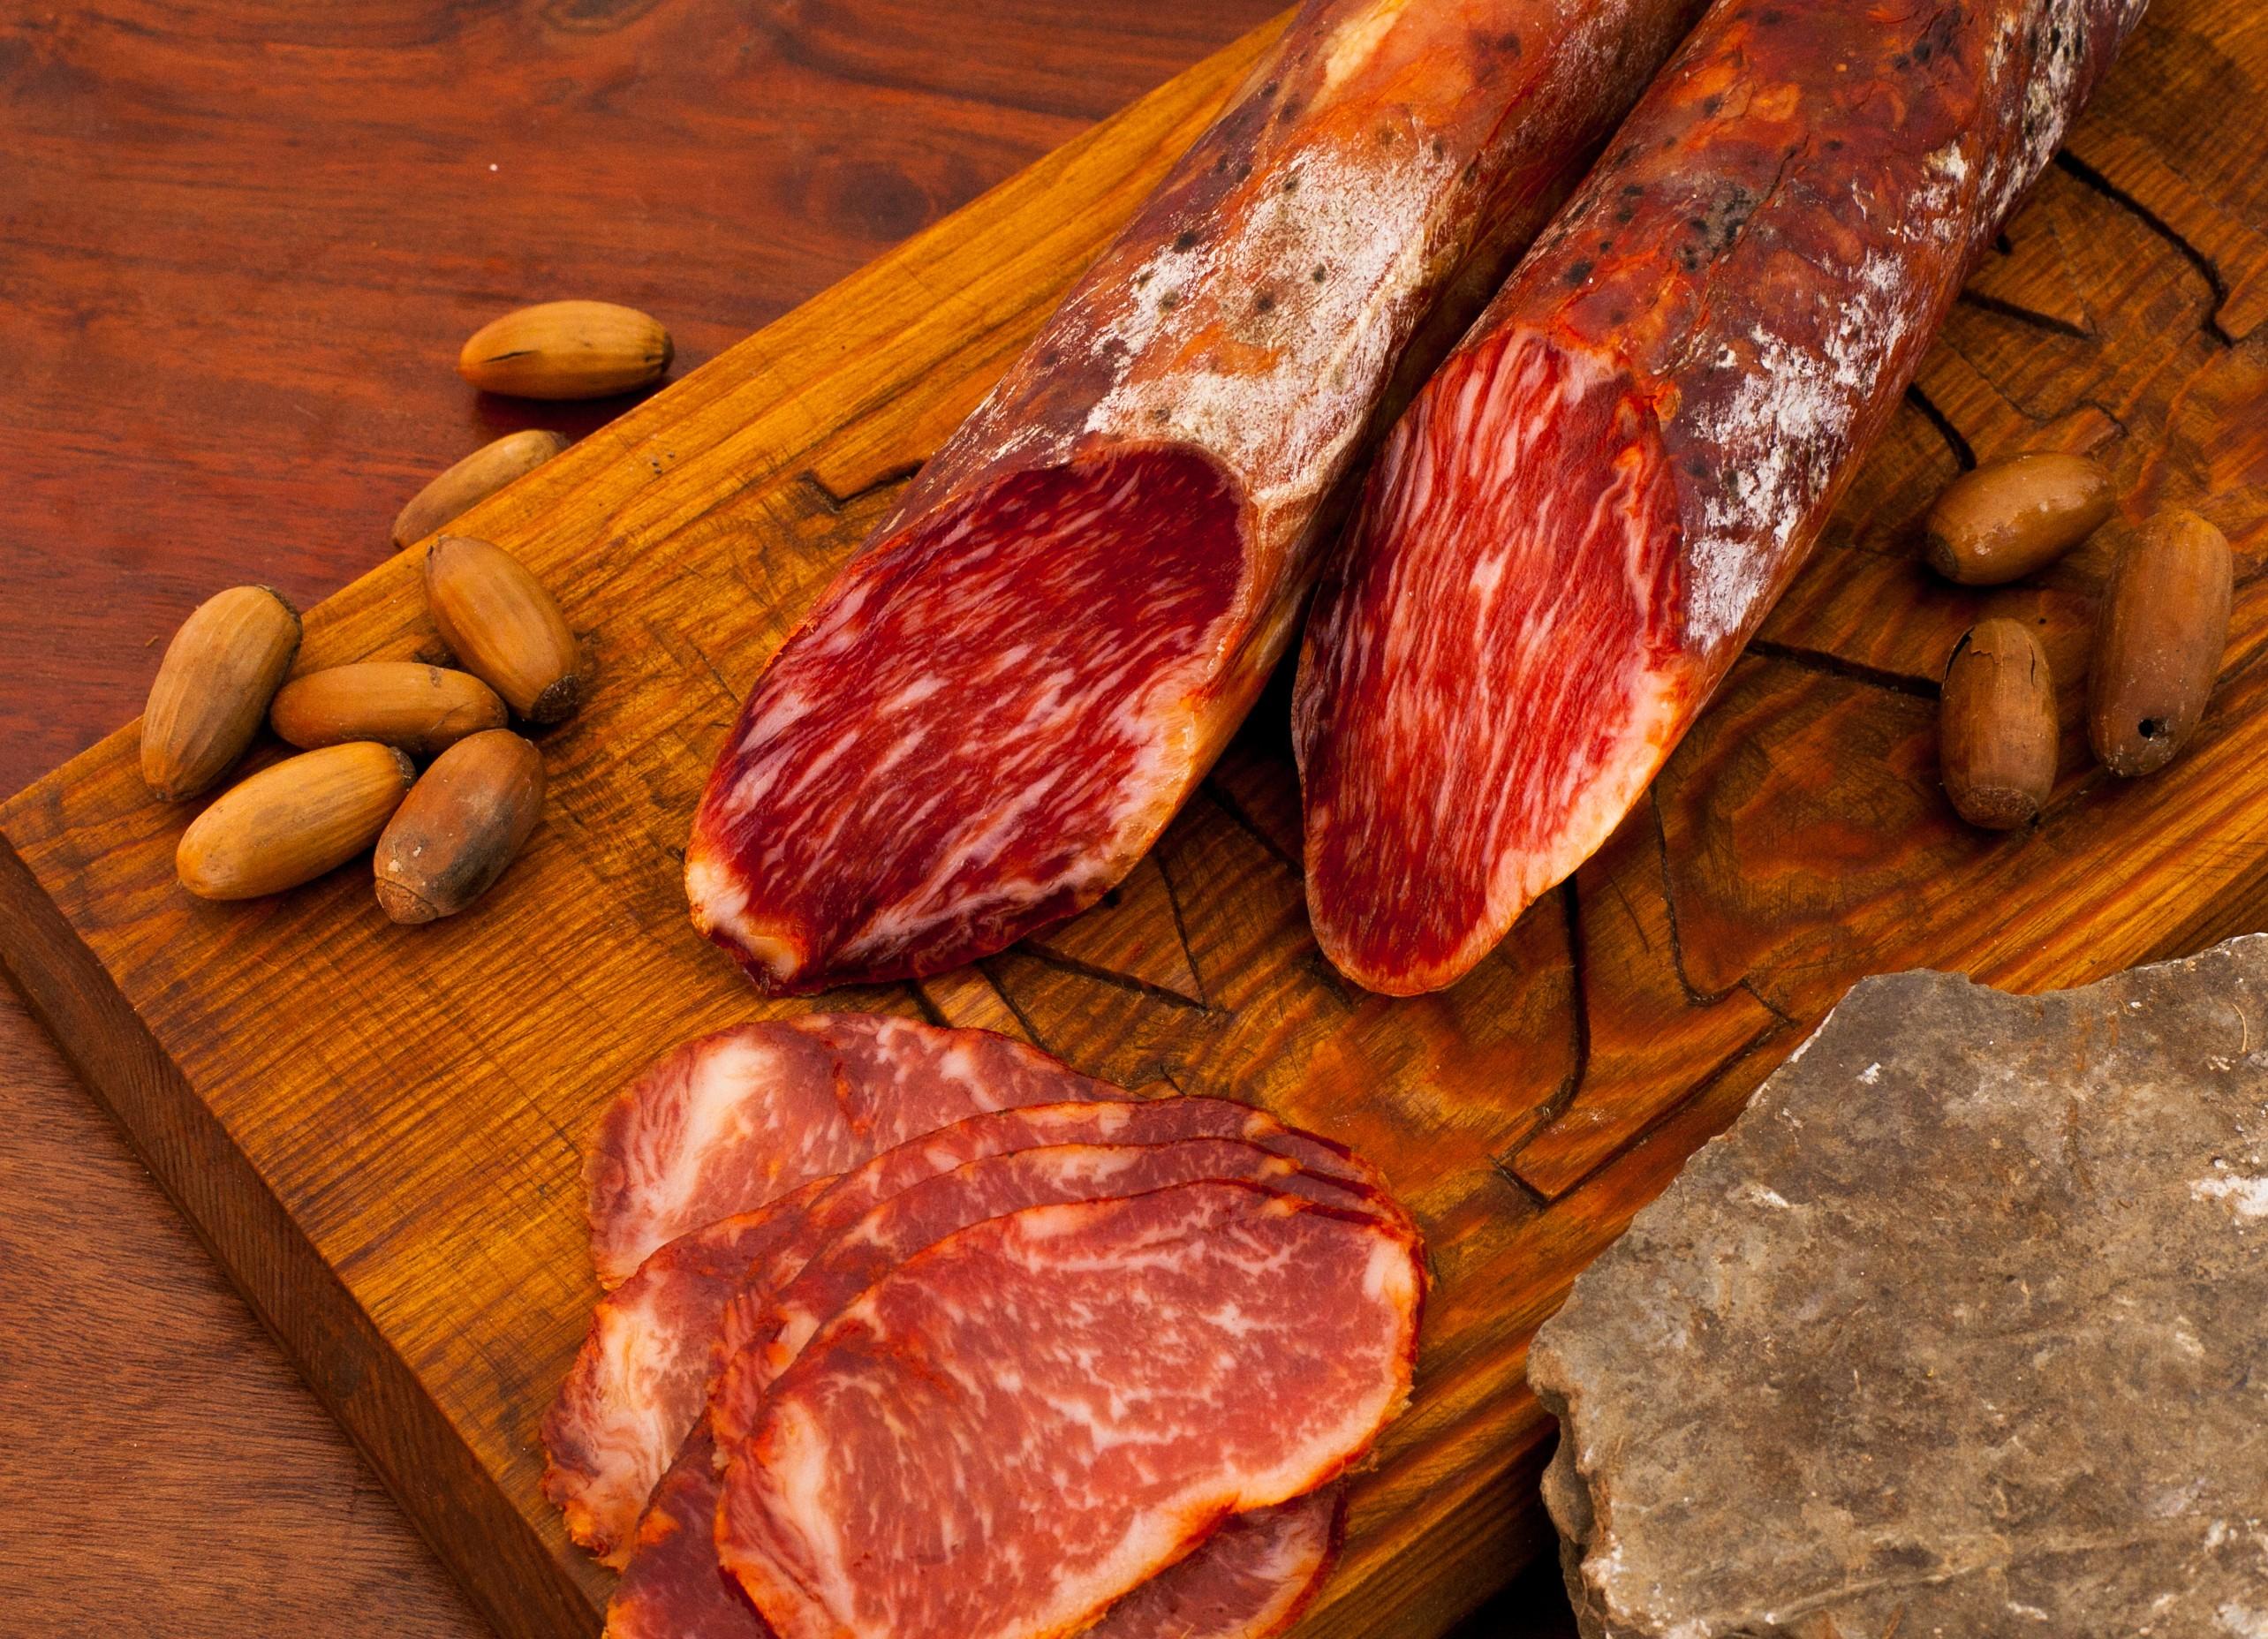 Harinas especiales (tempura, s/gluten)